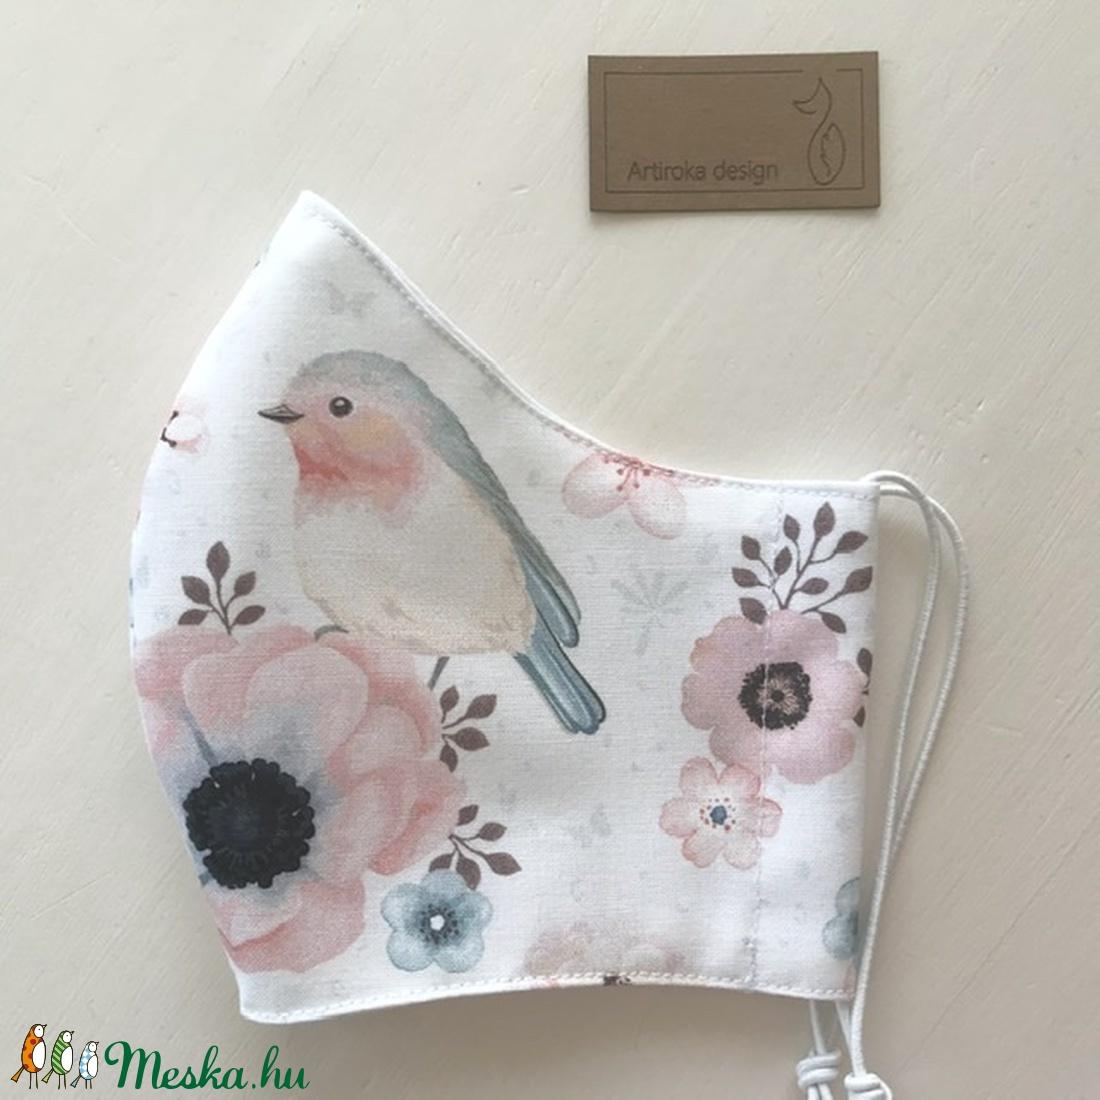 Pasztell madárkás prémium pamut textil arcmaszk, szájmaszk, maszk, gyerekmaszk - Artiroka design - maszk, arcmaszk - Meska.hu